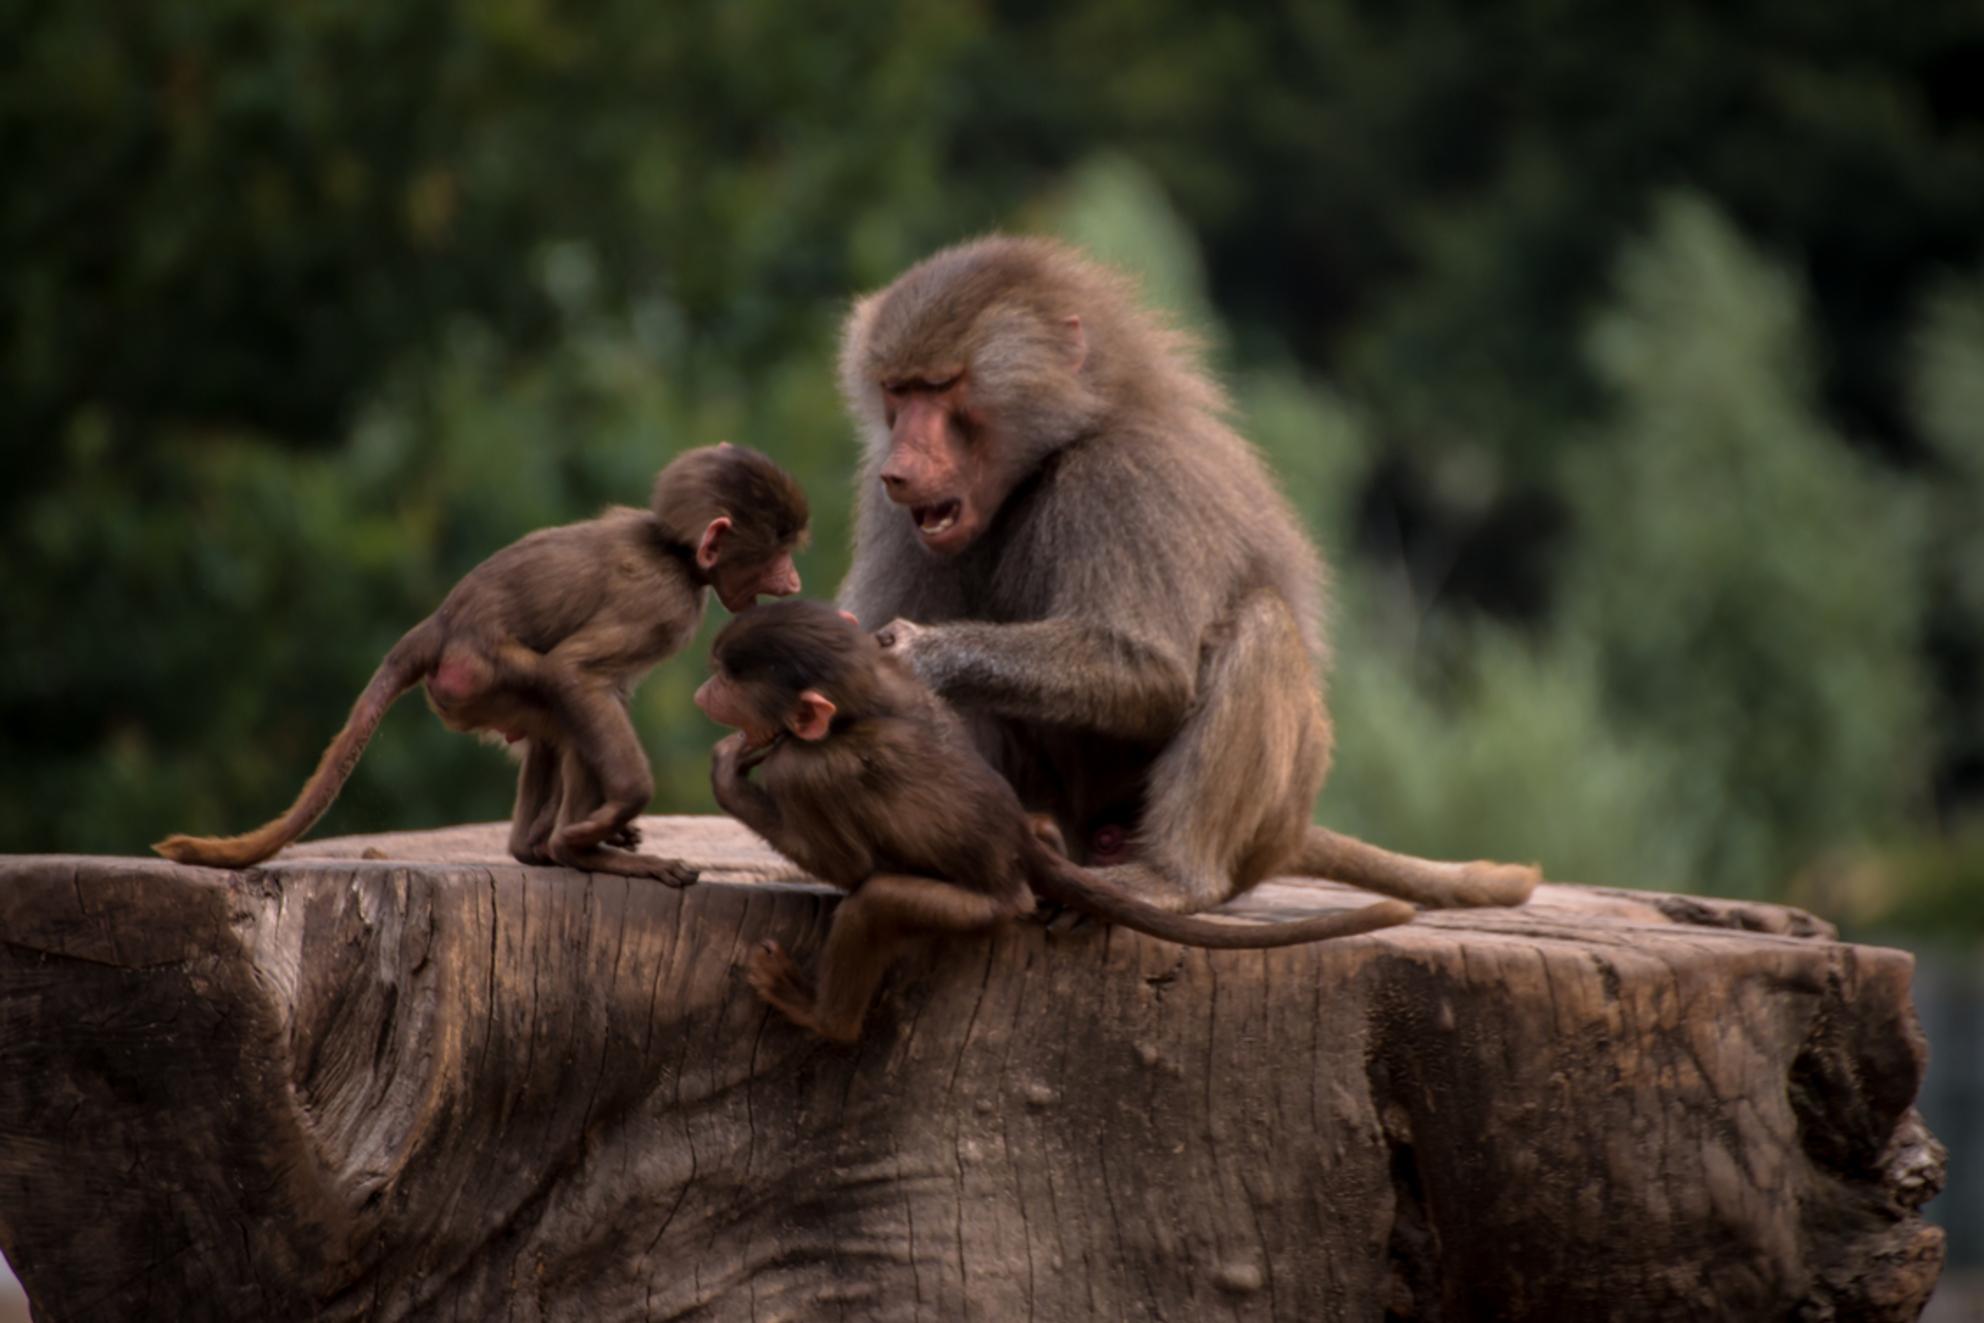 Lastige kinderen... - Deze moeder aap heeft het maar druk met haar kinderen. Ze kan ze soms bijna niet houden... Hier een poging van haar vastgelegd!  Ik ben weer benieu - foto door ariedewaard op 30-06-2014 - deze foto bevat: dierentuin, natuur, safari, lastig, moeder, apen, kinderen, aap, afrika, wildlife, aapjes, ruzie